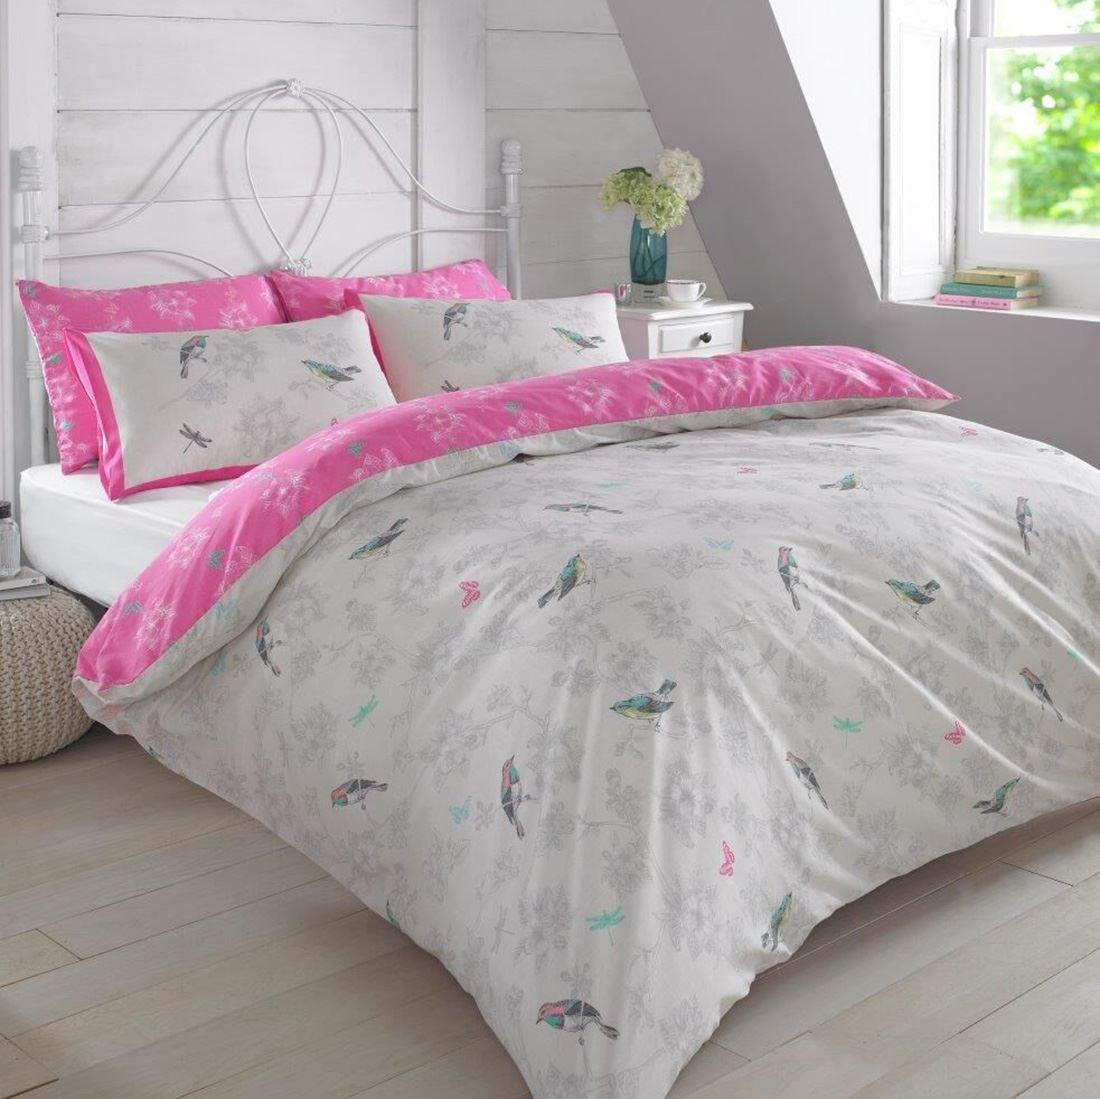 vintage birds duvet cover set mint pink bedding single. Black Bedroom Furniture Sets. Home Design Ideas